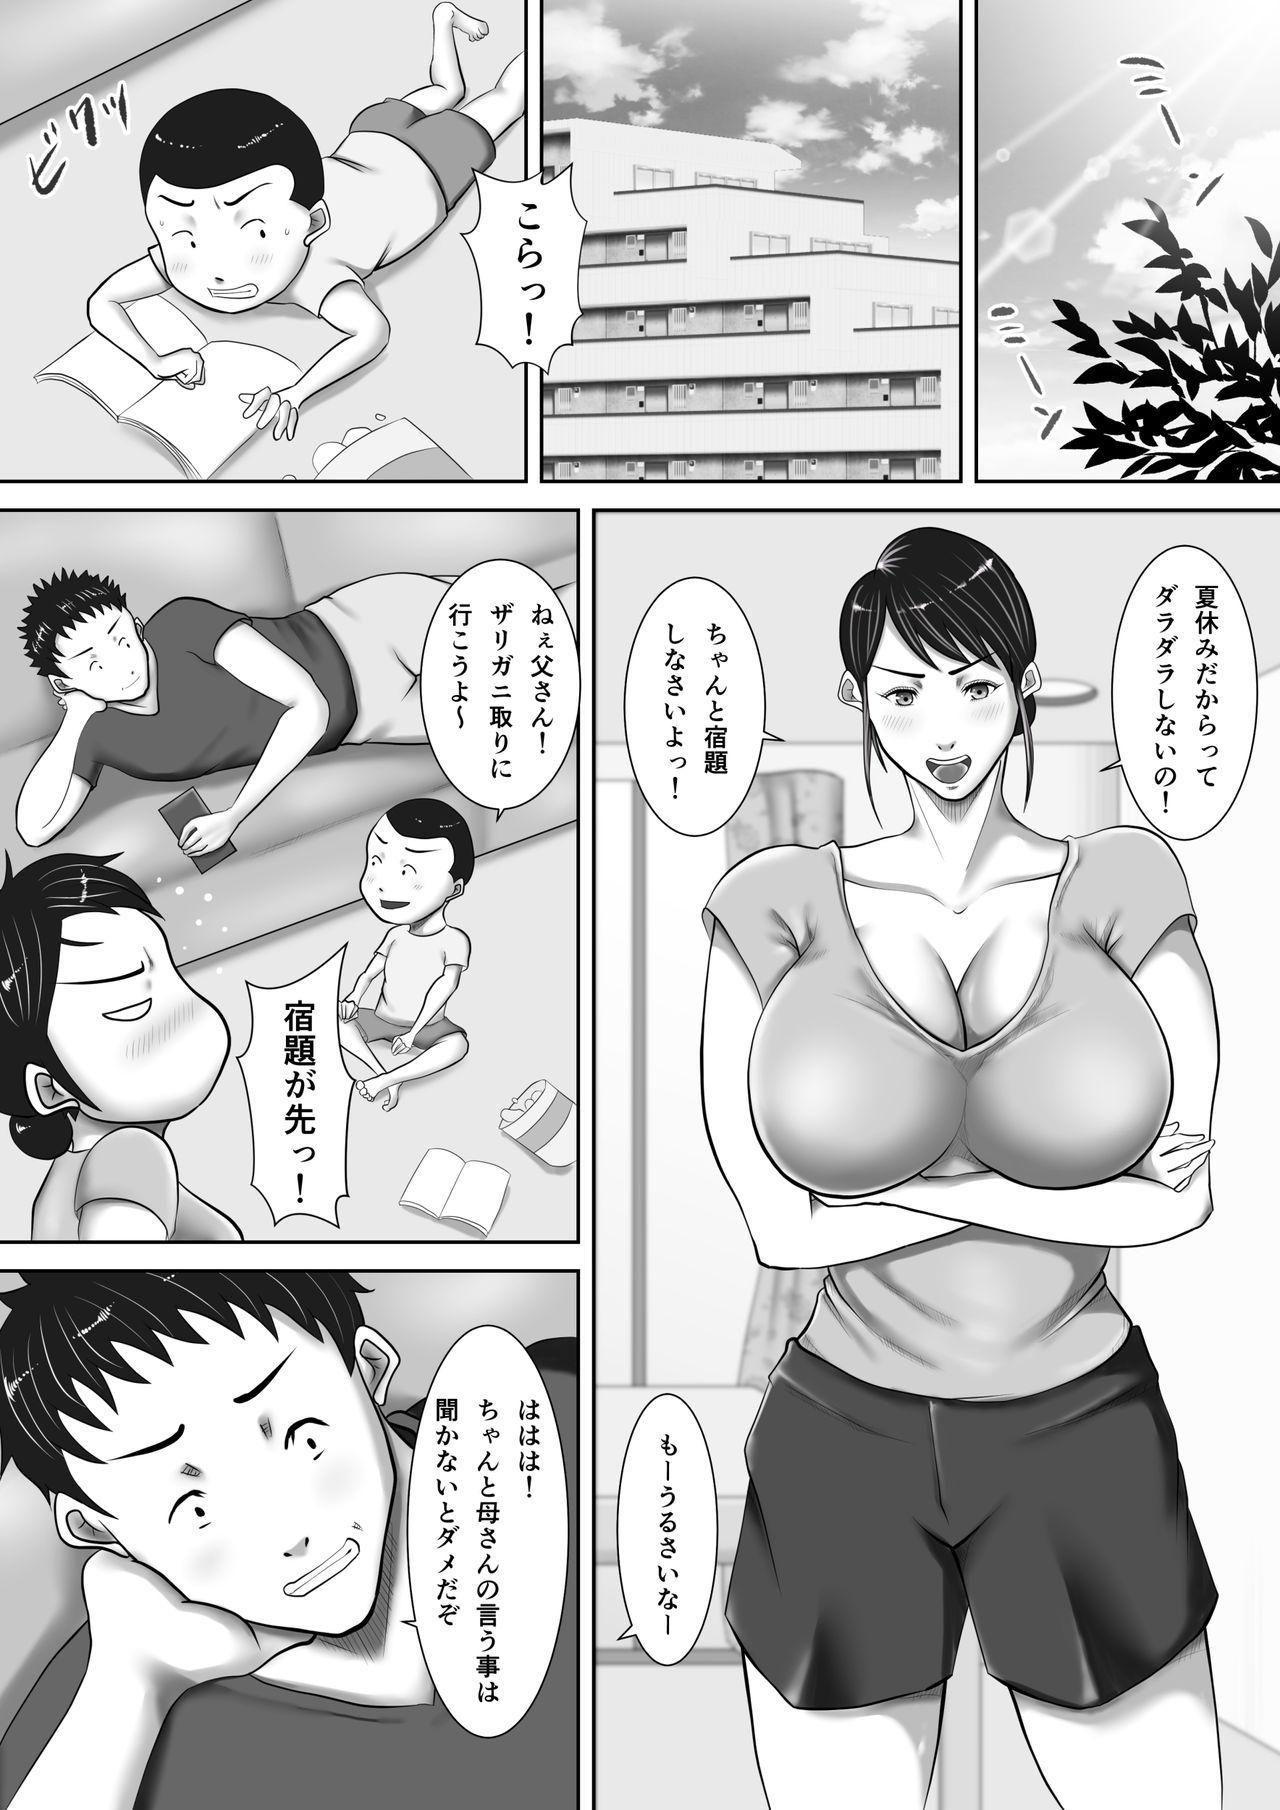 Jitaku de Netorareta Kachiki na Hitozuma 1